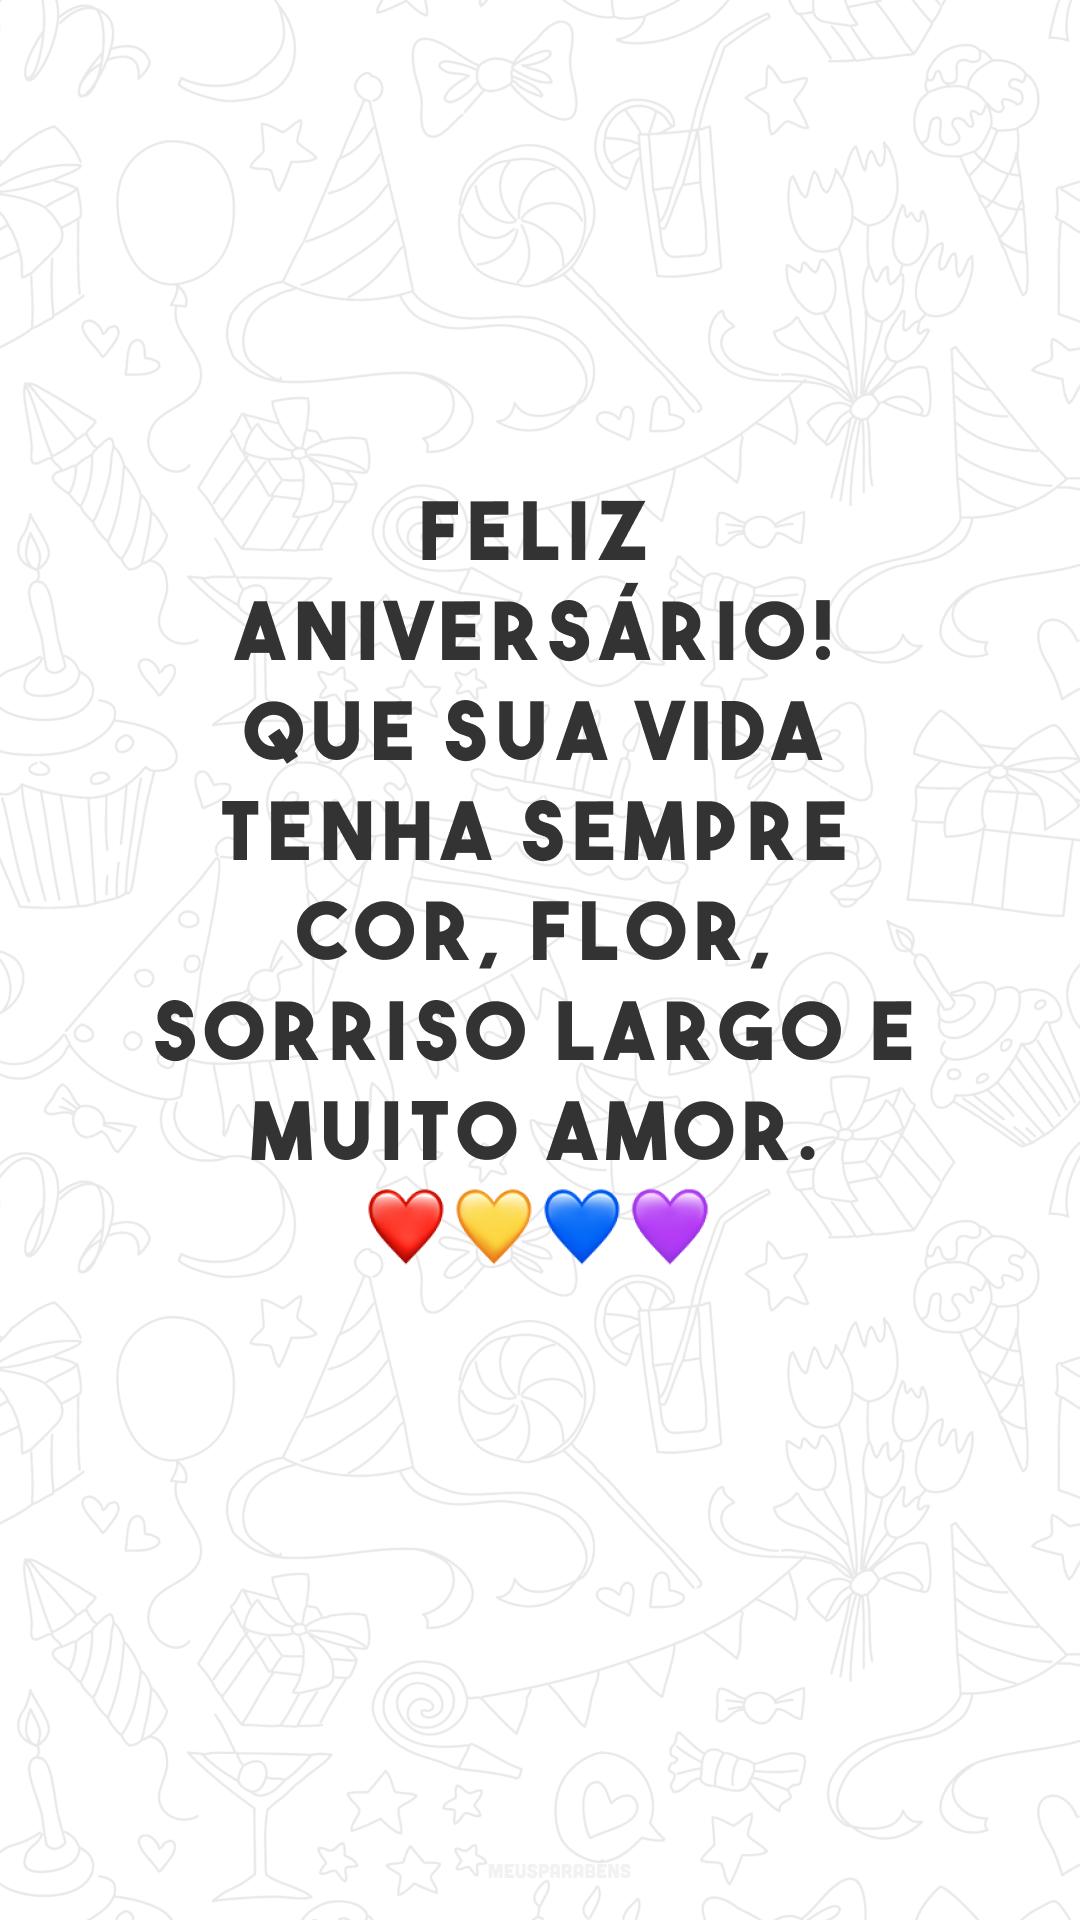 Feliz aniversário! Que sua vida tenha sempre cor, flor, sorriso largo e muito amor. ❤💛💙💜